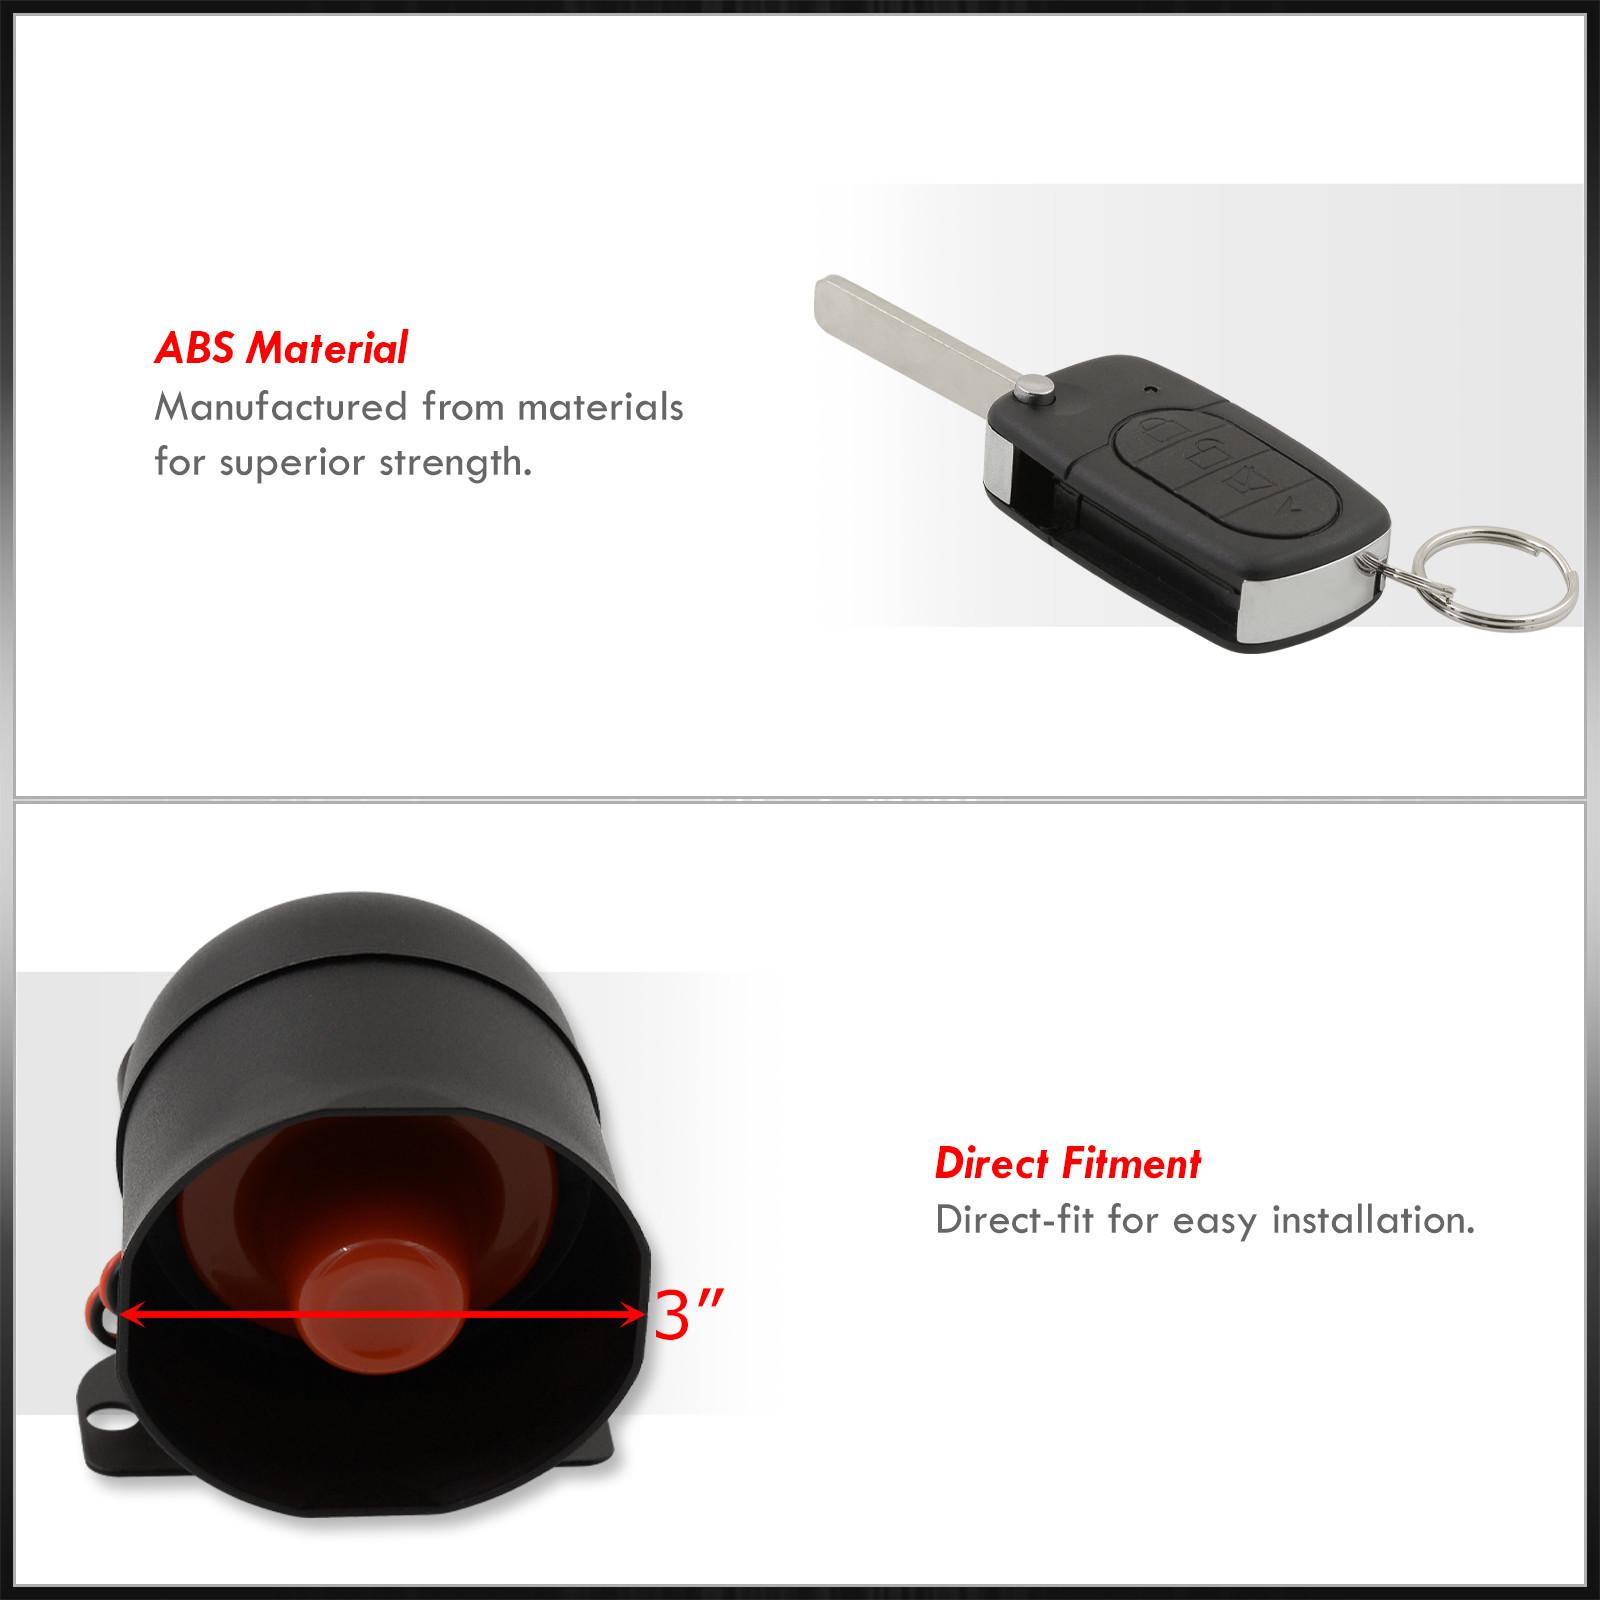 karr alarm 2040 wiring diagram sno way car shock sensor get free image